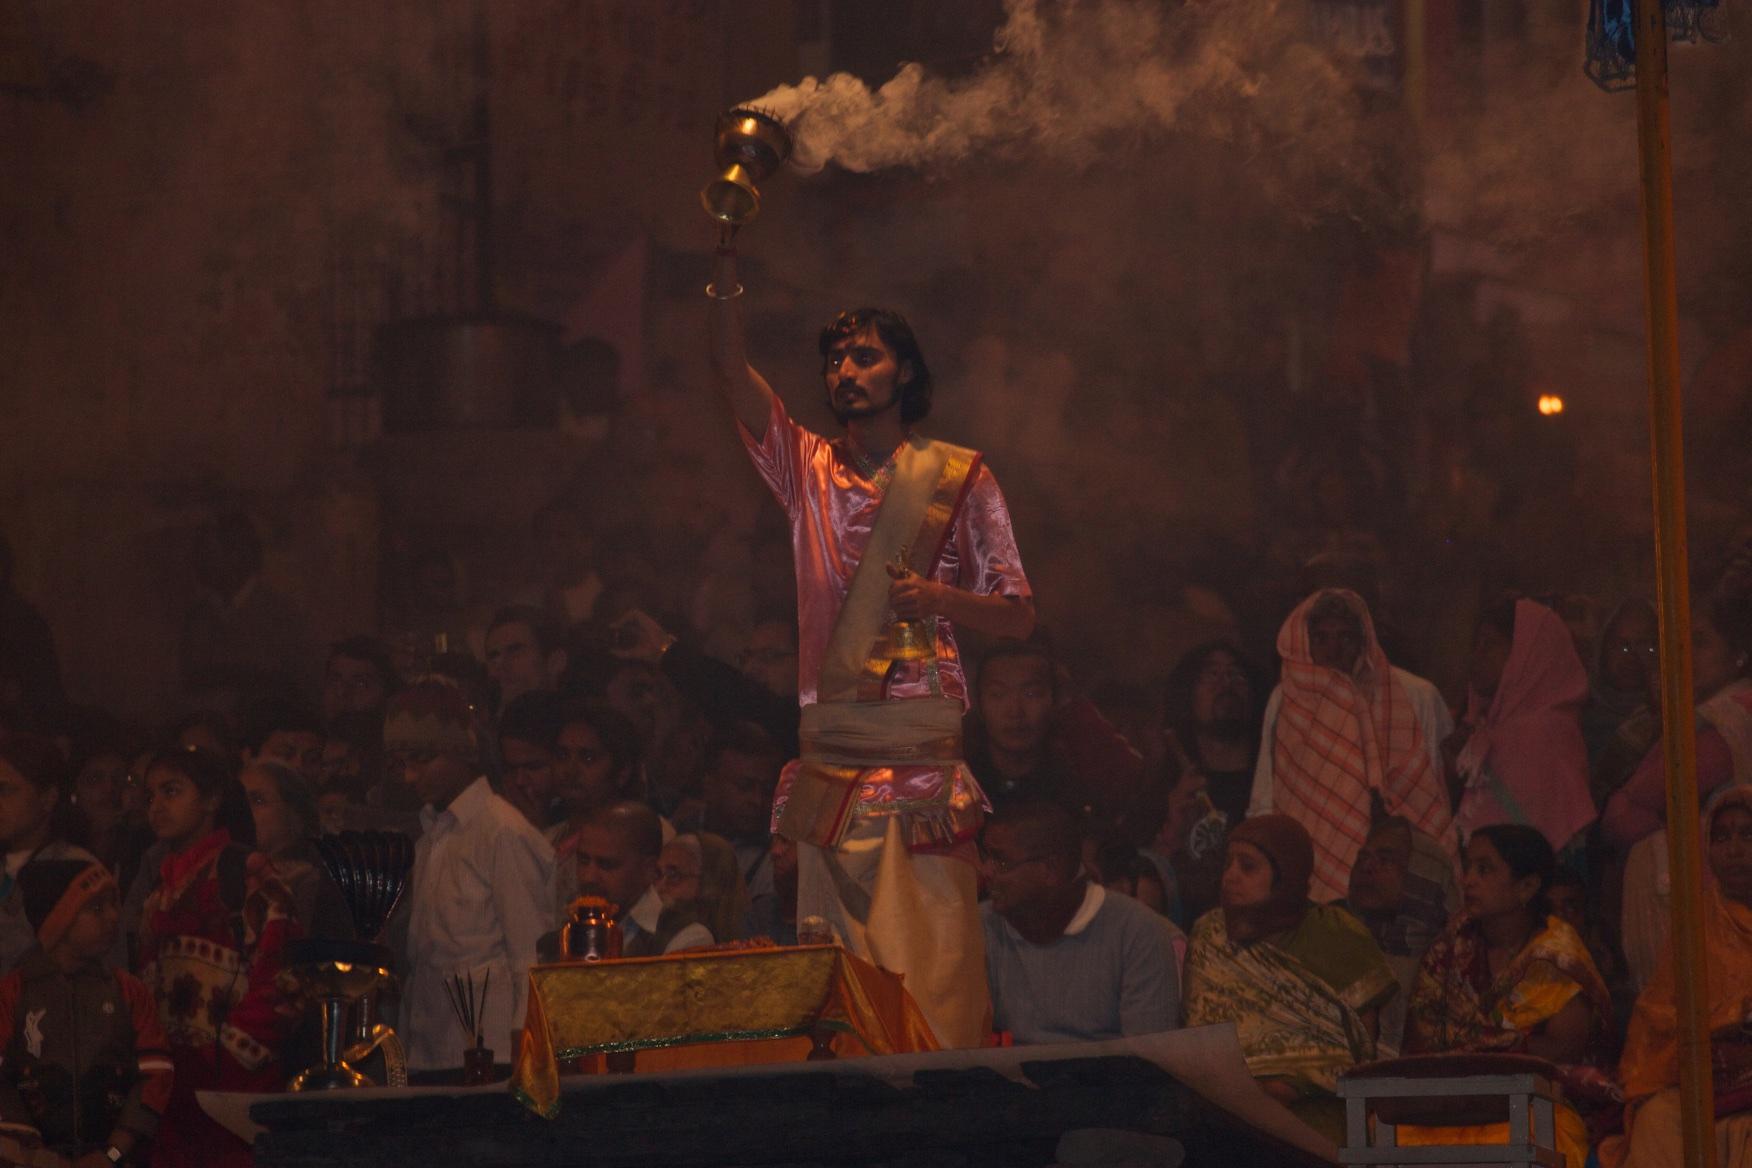 Ceremony. Varanasi, India.